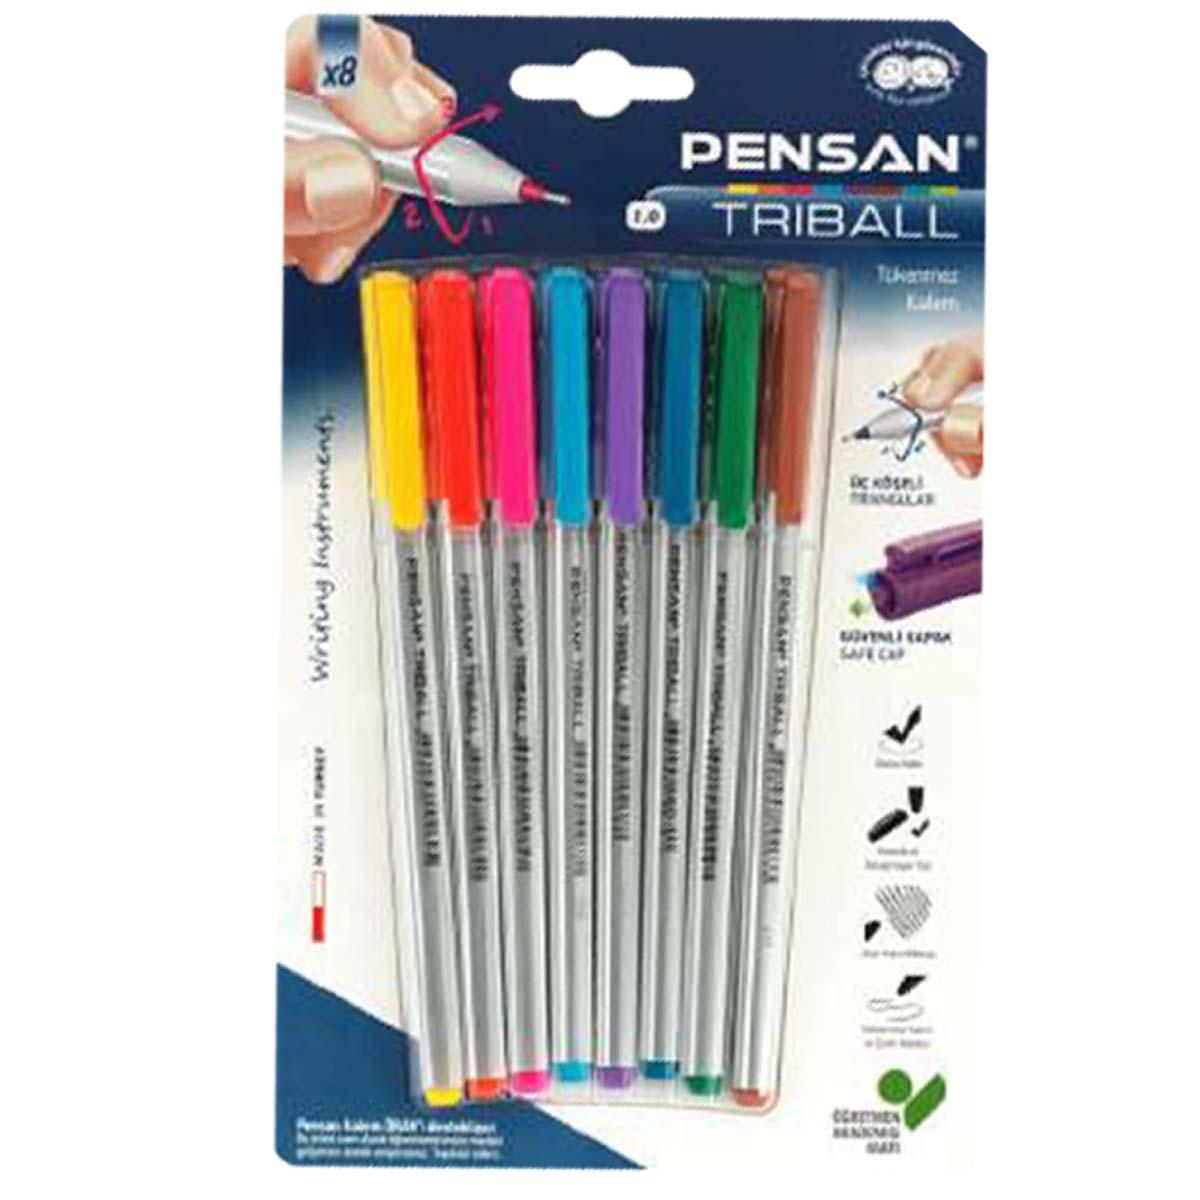 خودکار تریبال- ست ۸ عددی خودکار رنگی بلیستری